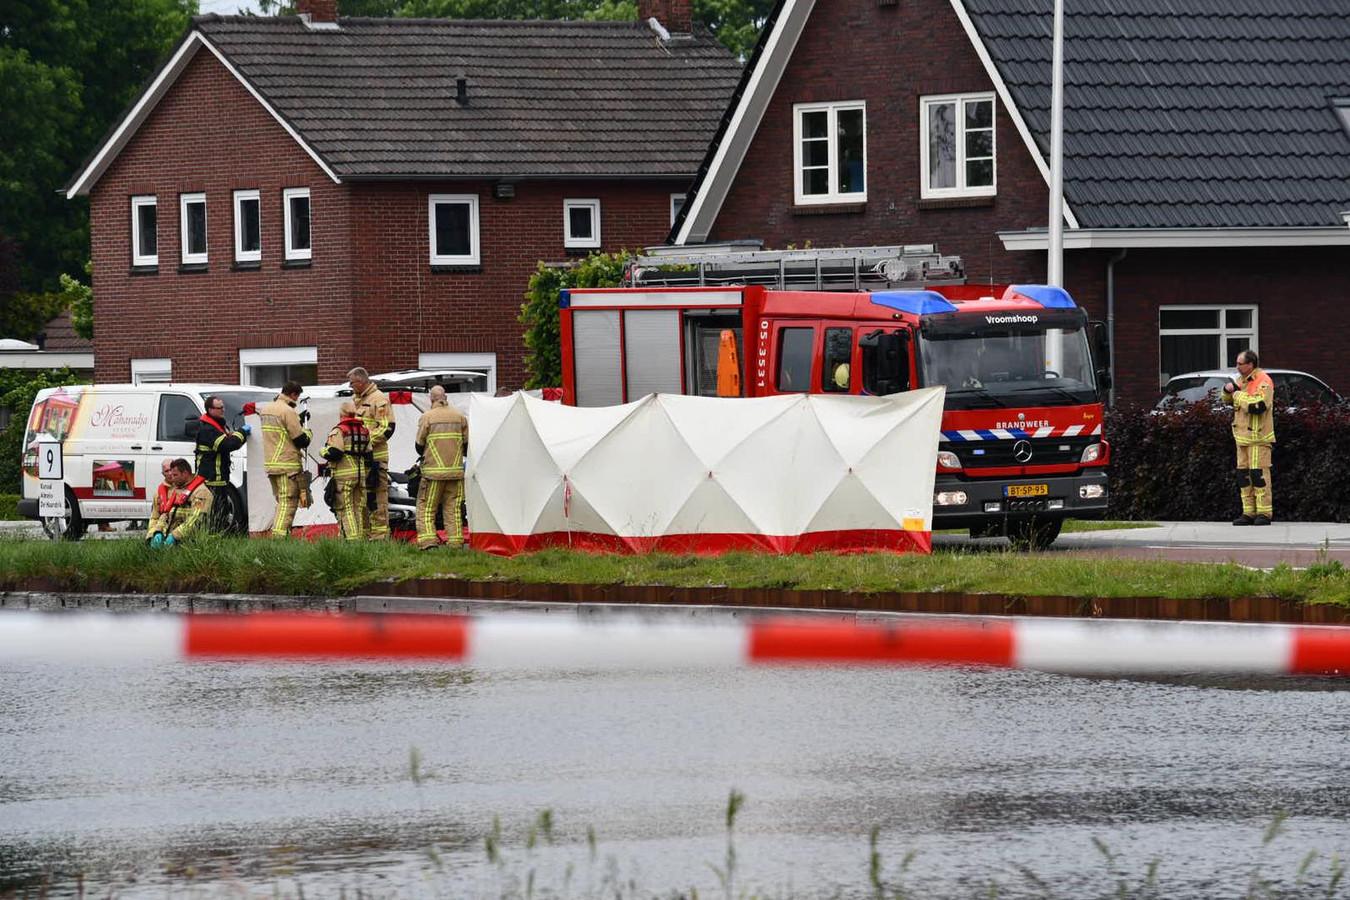 De brandweer haalt een persoon uit het water in Daarlerveen